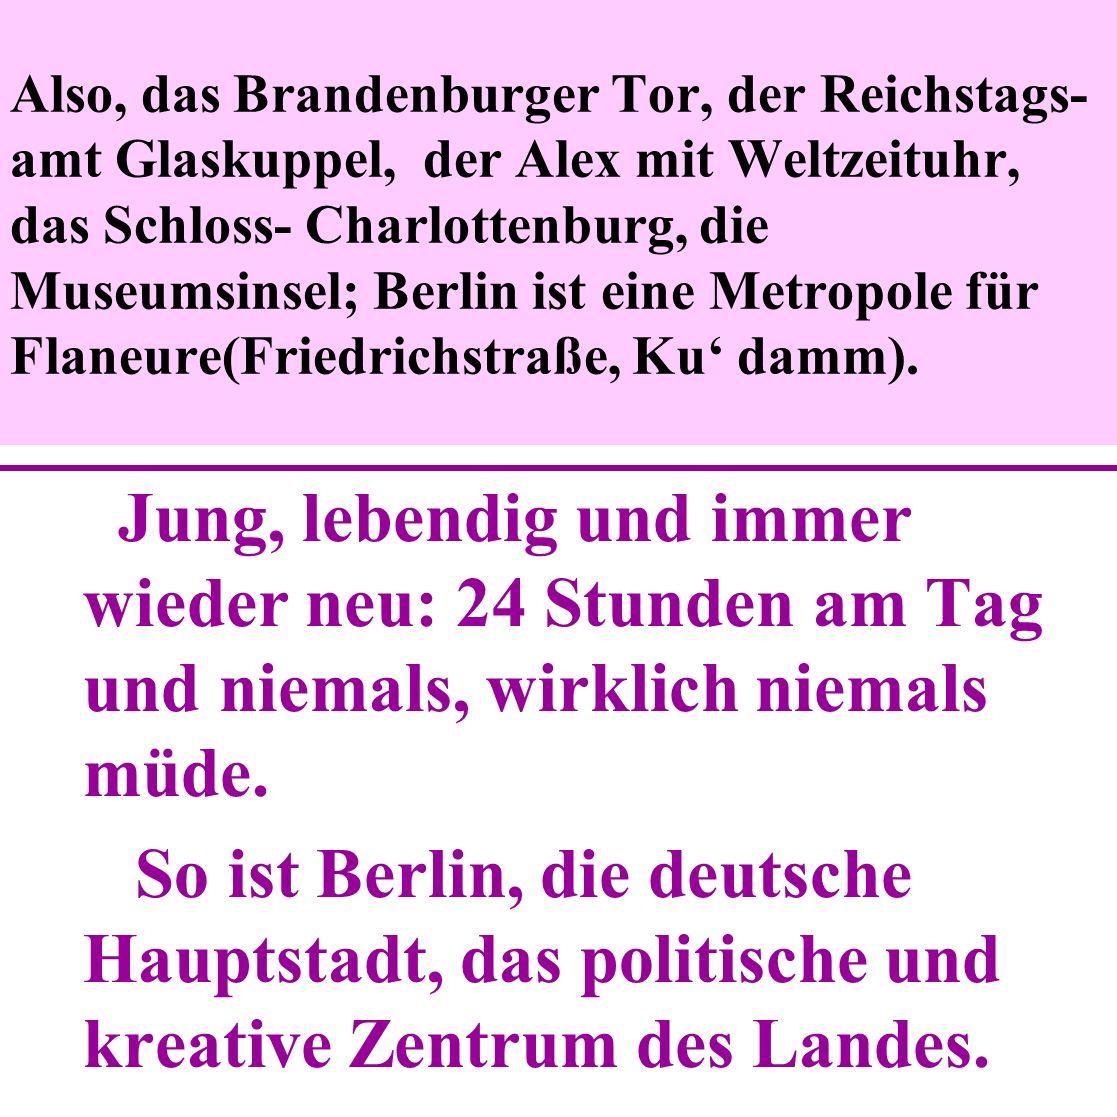 Also, das Brandenburger Tor, der Reichstags- amt Glaskuppel, der Alex mit Weltzeituhr, das Schloss- Charlottenburg, die Museumsinsel; Berlin ist eine